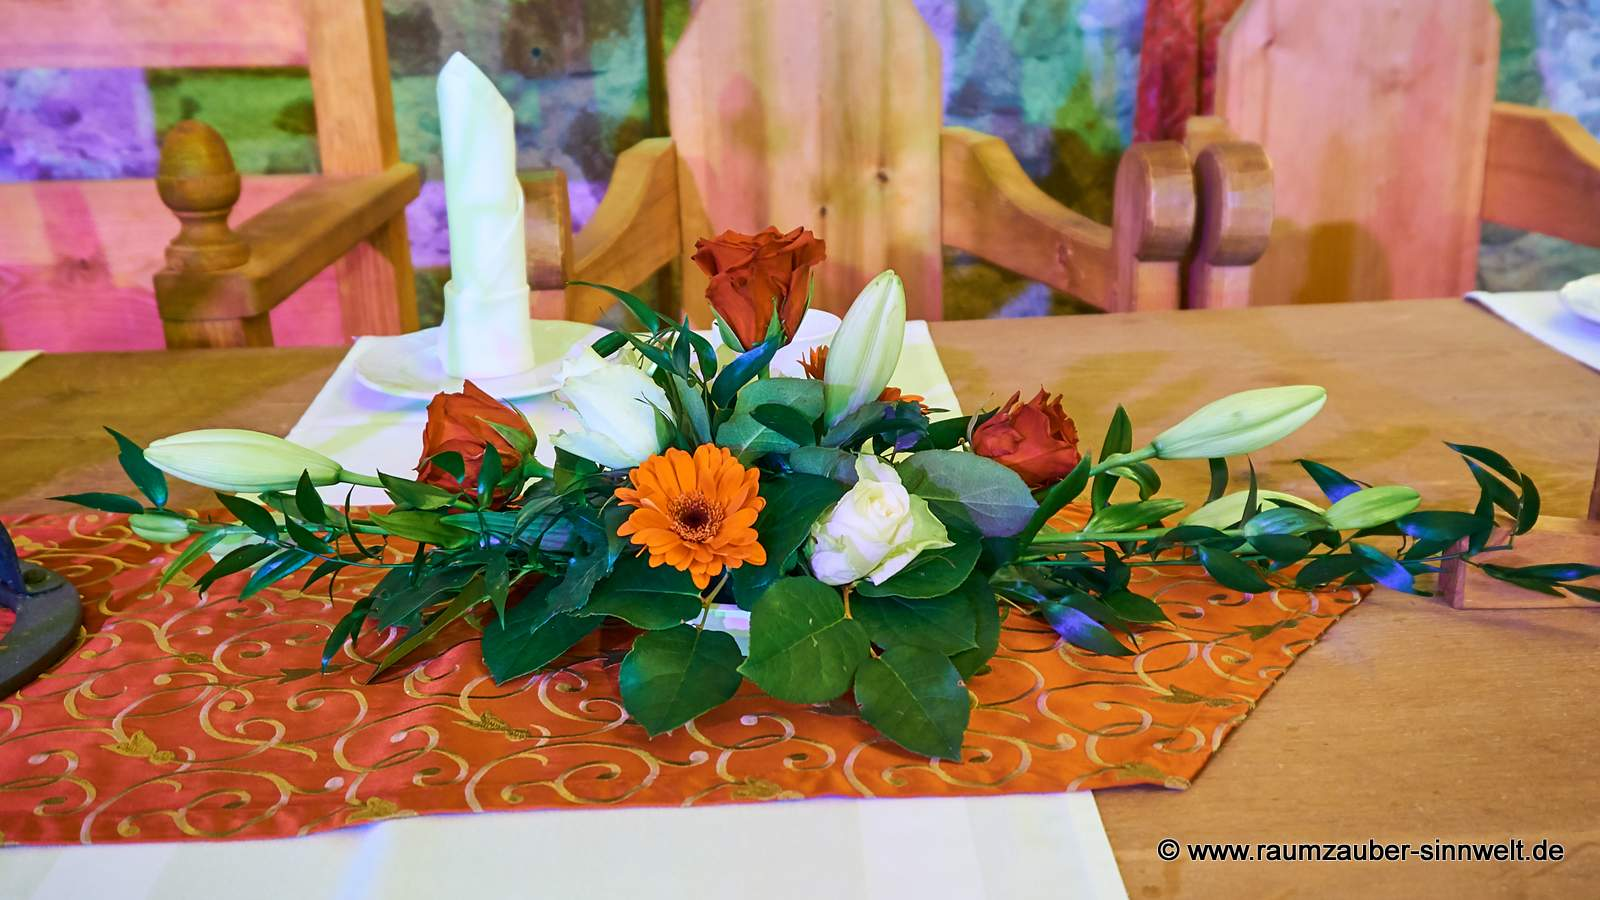 Tischdekoration mit Lilien, Rosen und Gerbera